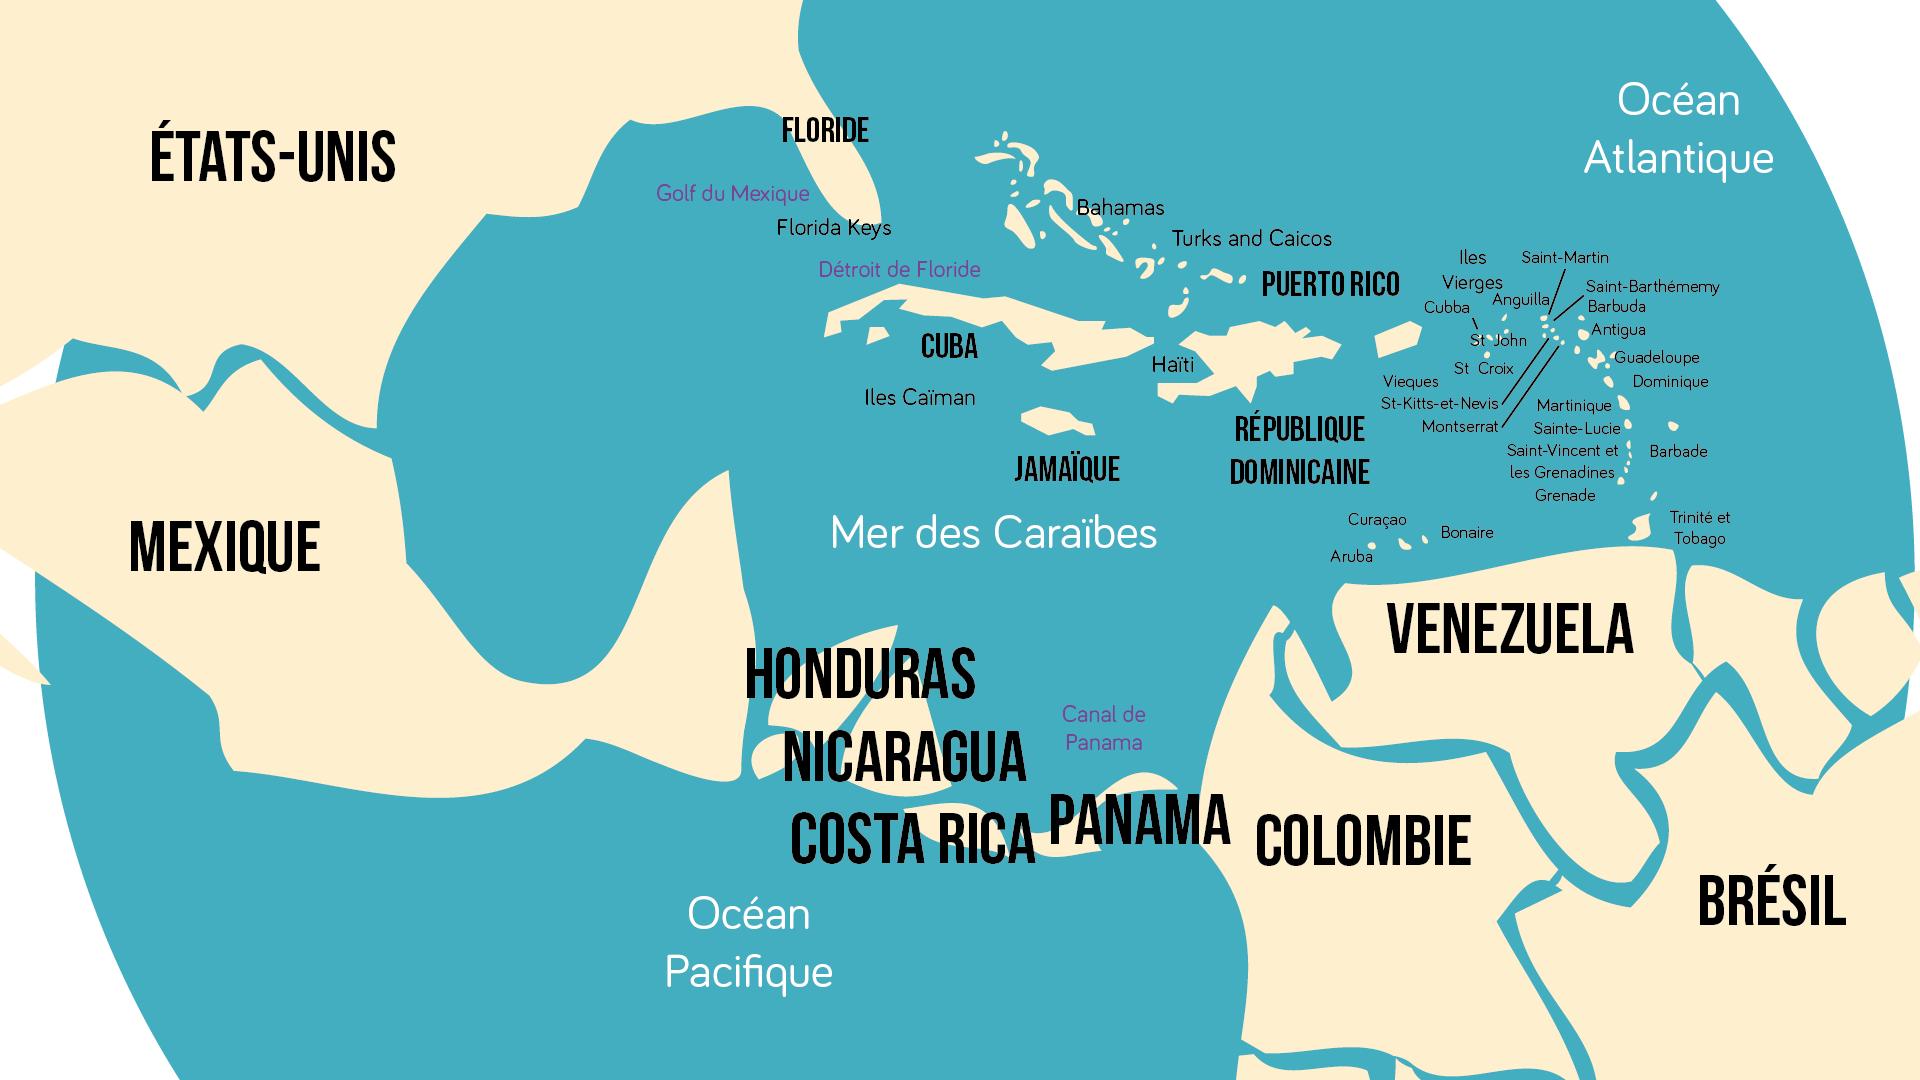 Géographie terminale Carte de l'espace Caraïbes